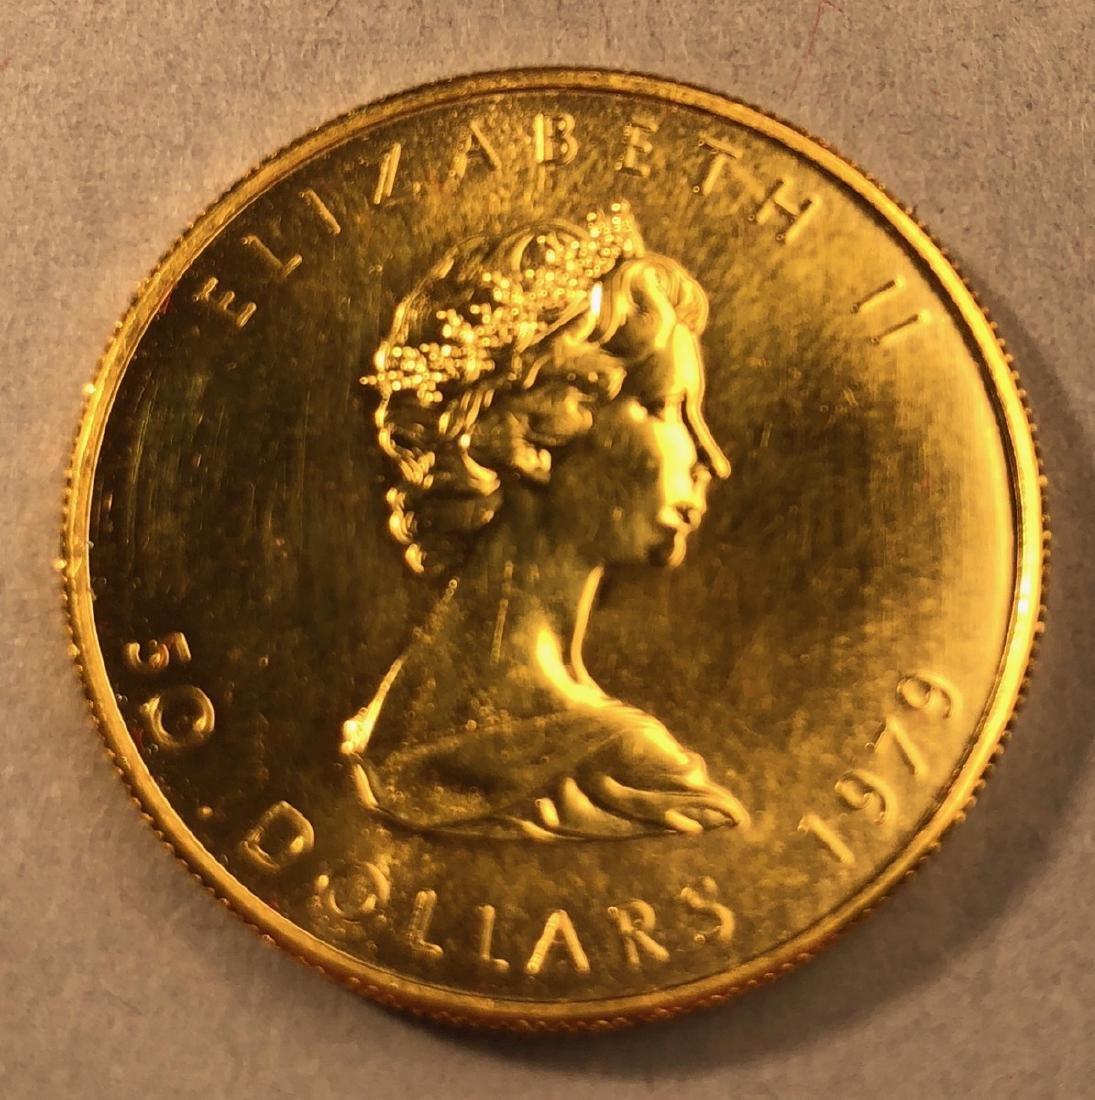 1979 Fifty Dollar Elizabeth II Canada Gold Coin.